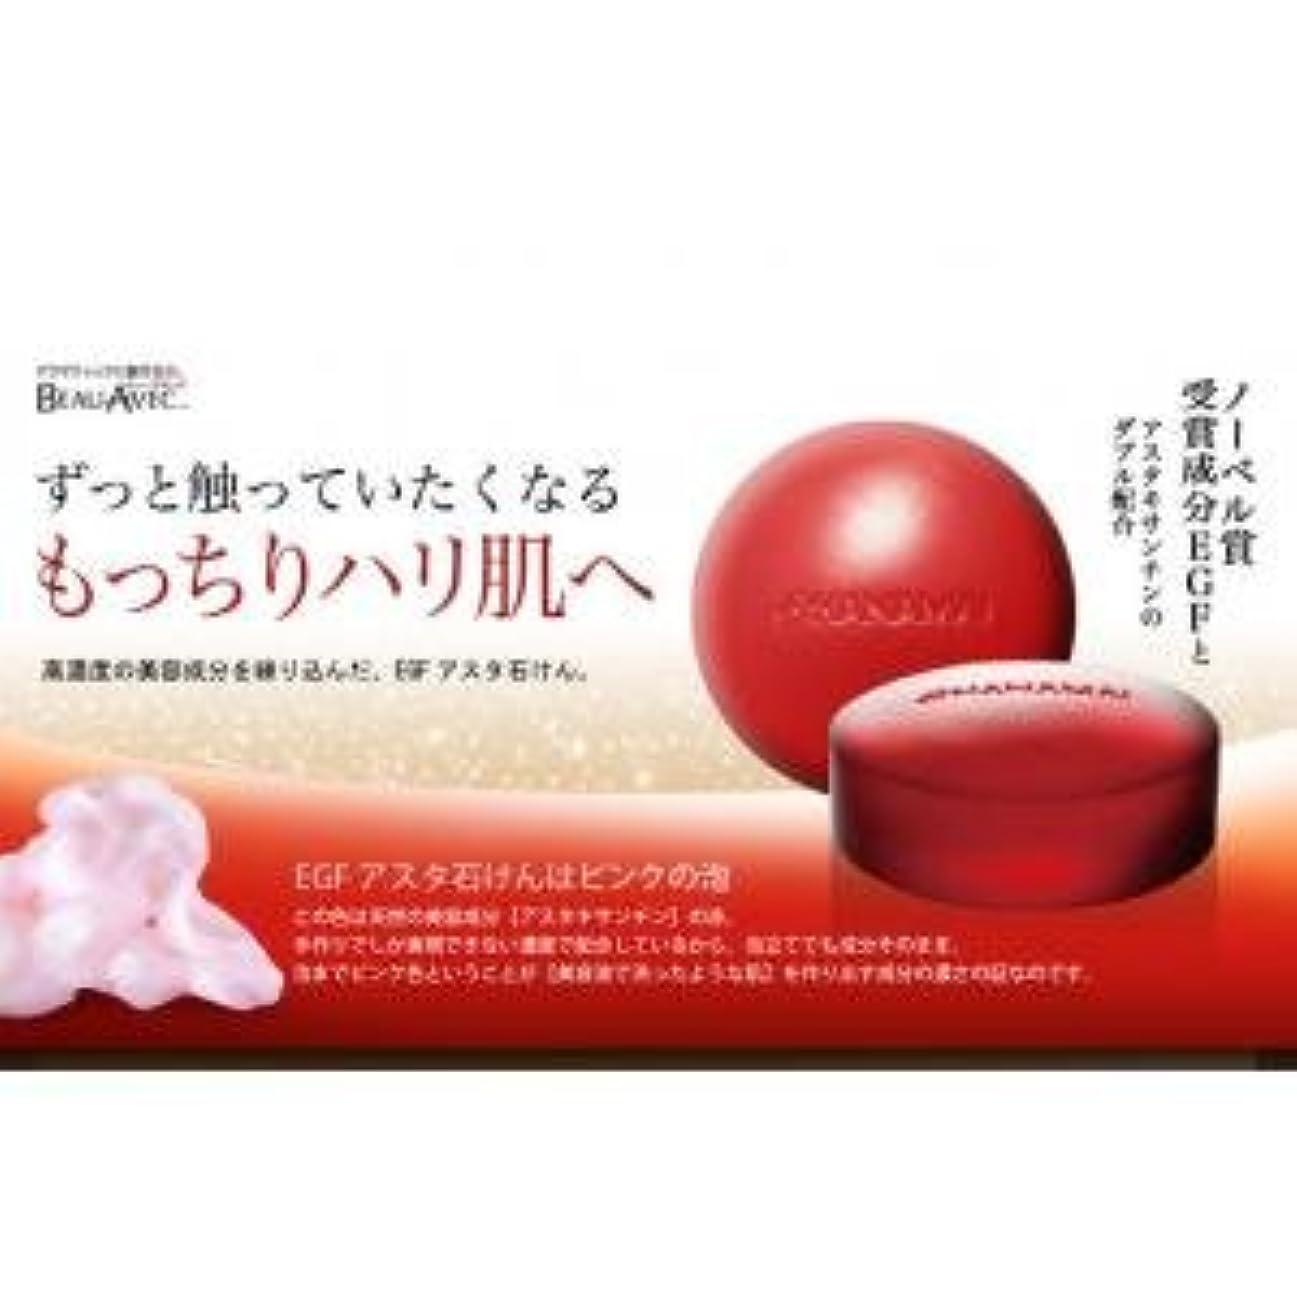 ゴージャス拒絶する頂点美容成分の洗顔石鹸 AFC(エーエフシー) HMB18 EGF アスタ石けん